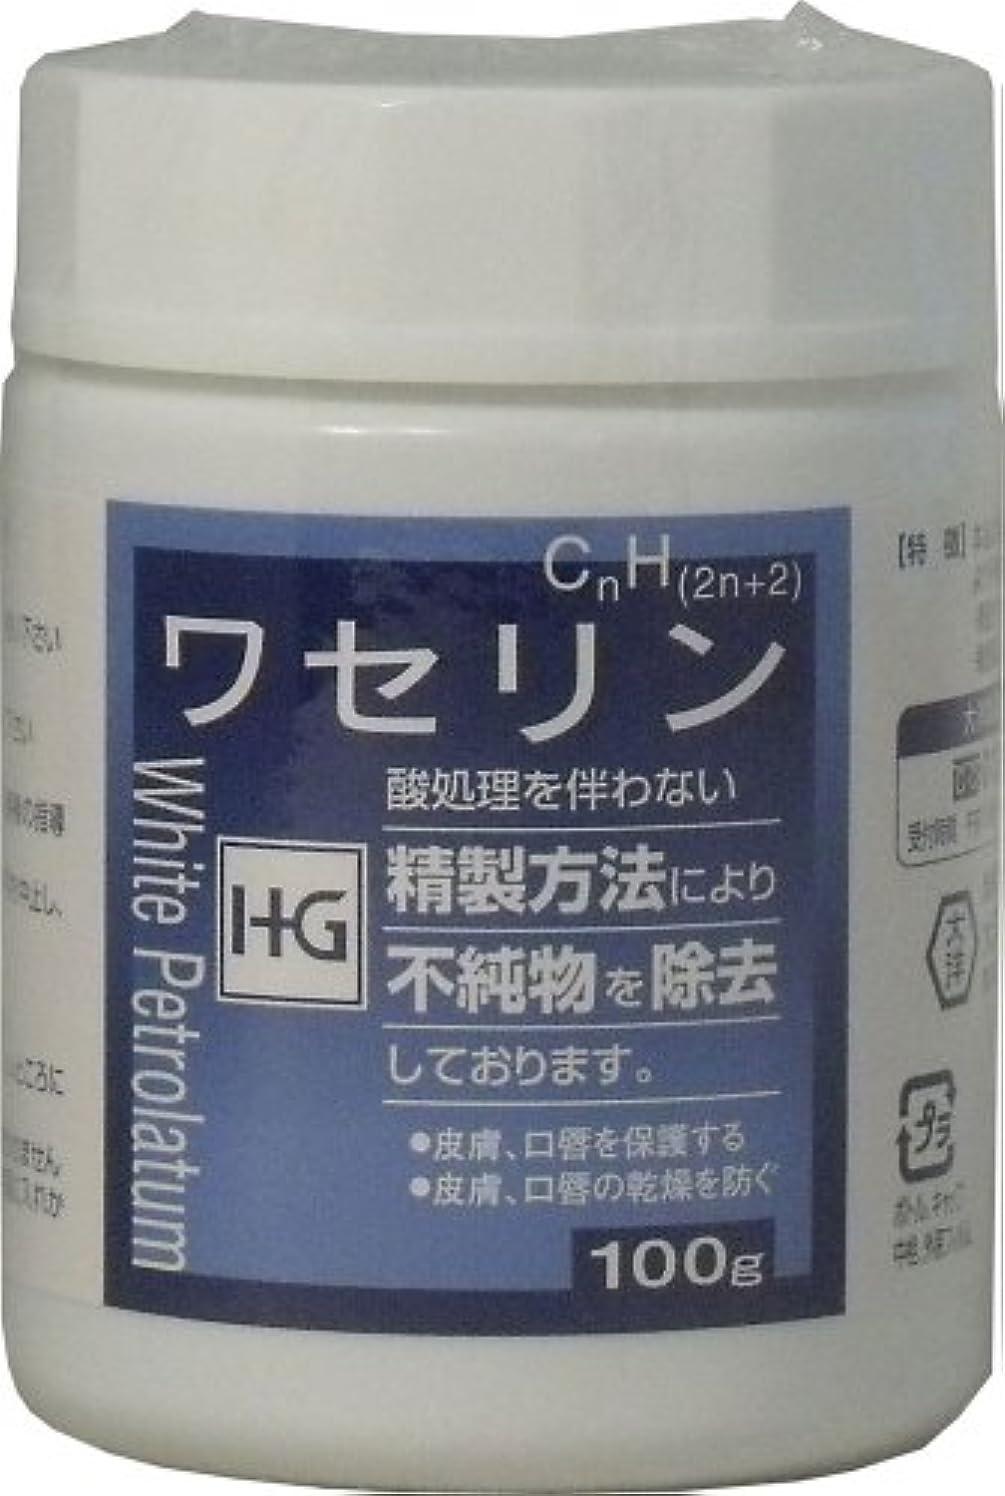 インタビュー延期するモザイク皮膚保護 ワセリンHG 100g ×10個セット